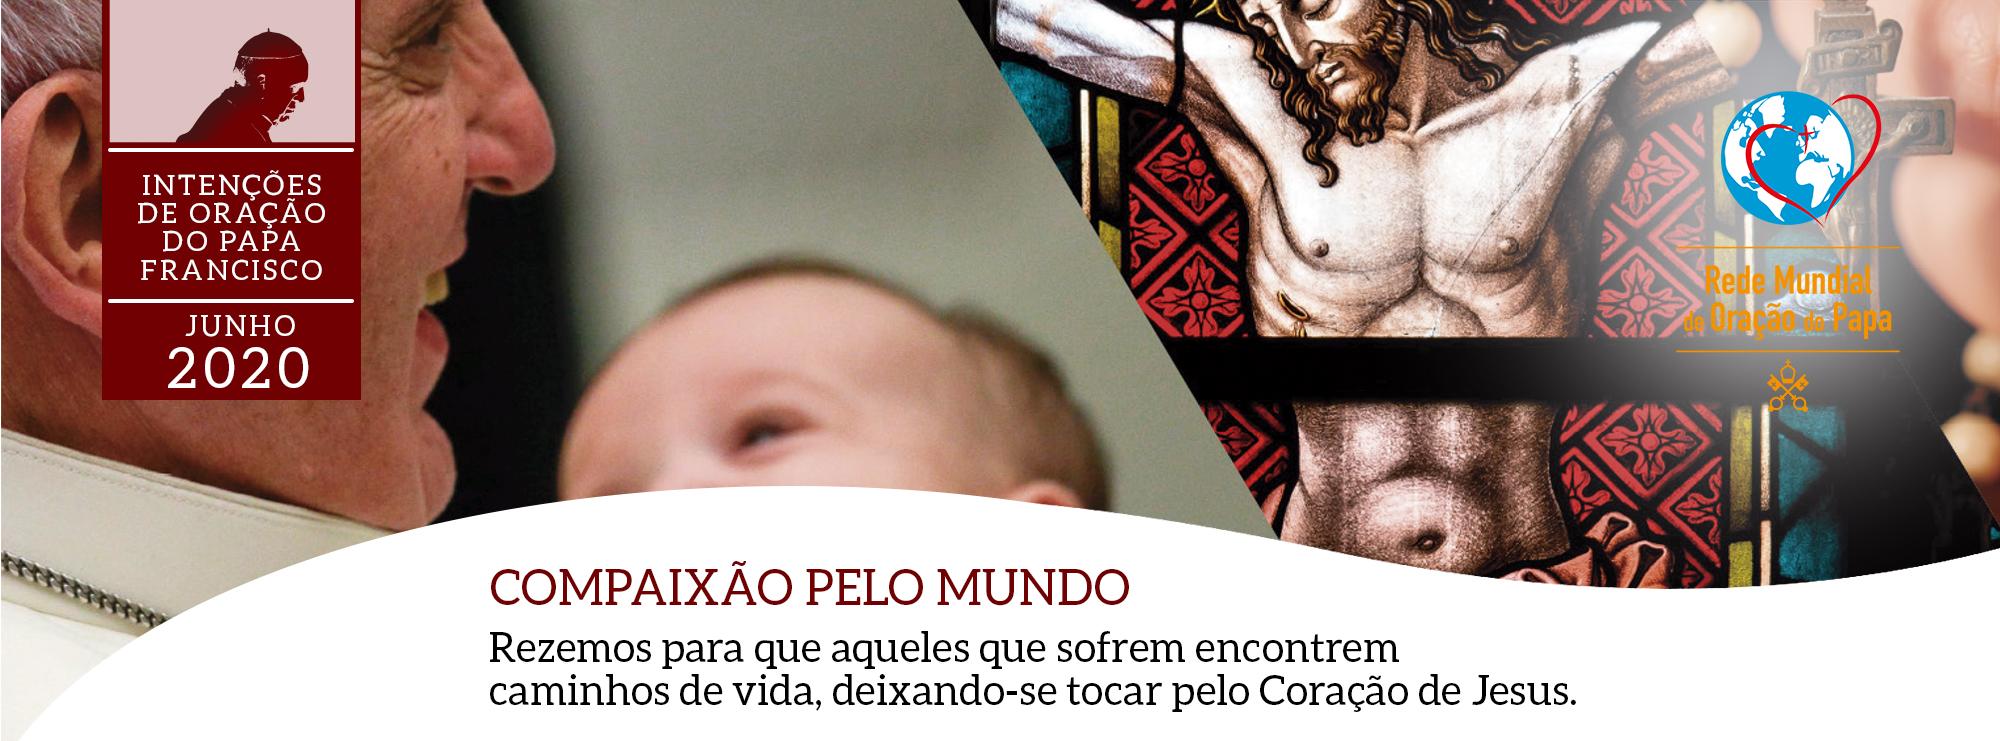 compaixao pelo mundo junho intencoes do papa francisco